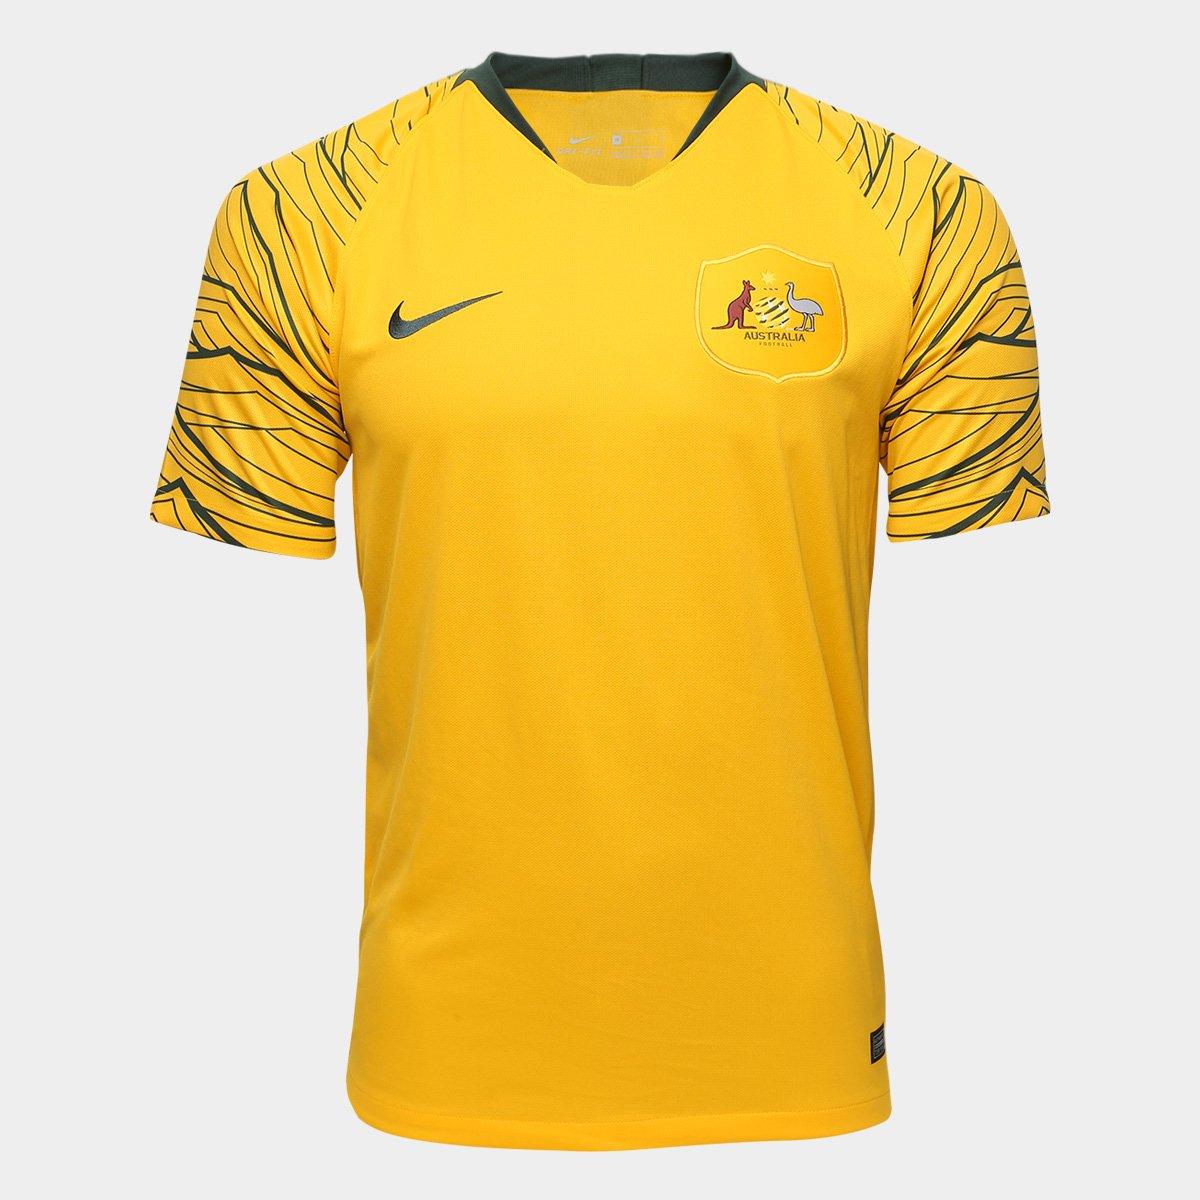 072a86e292 Camisa Seleção Austrália Home 2018 s n° Torcedor Nike Masculina